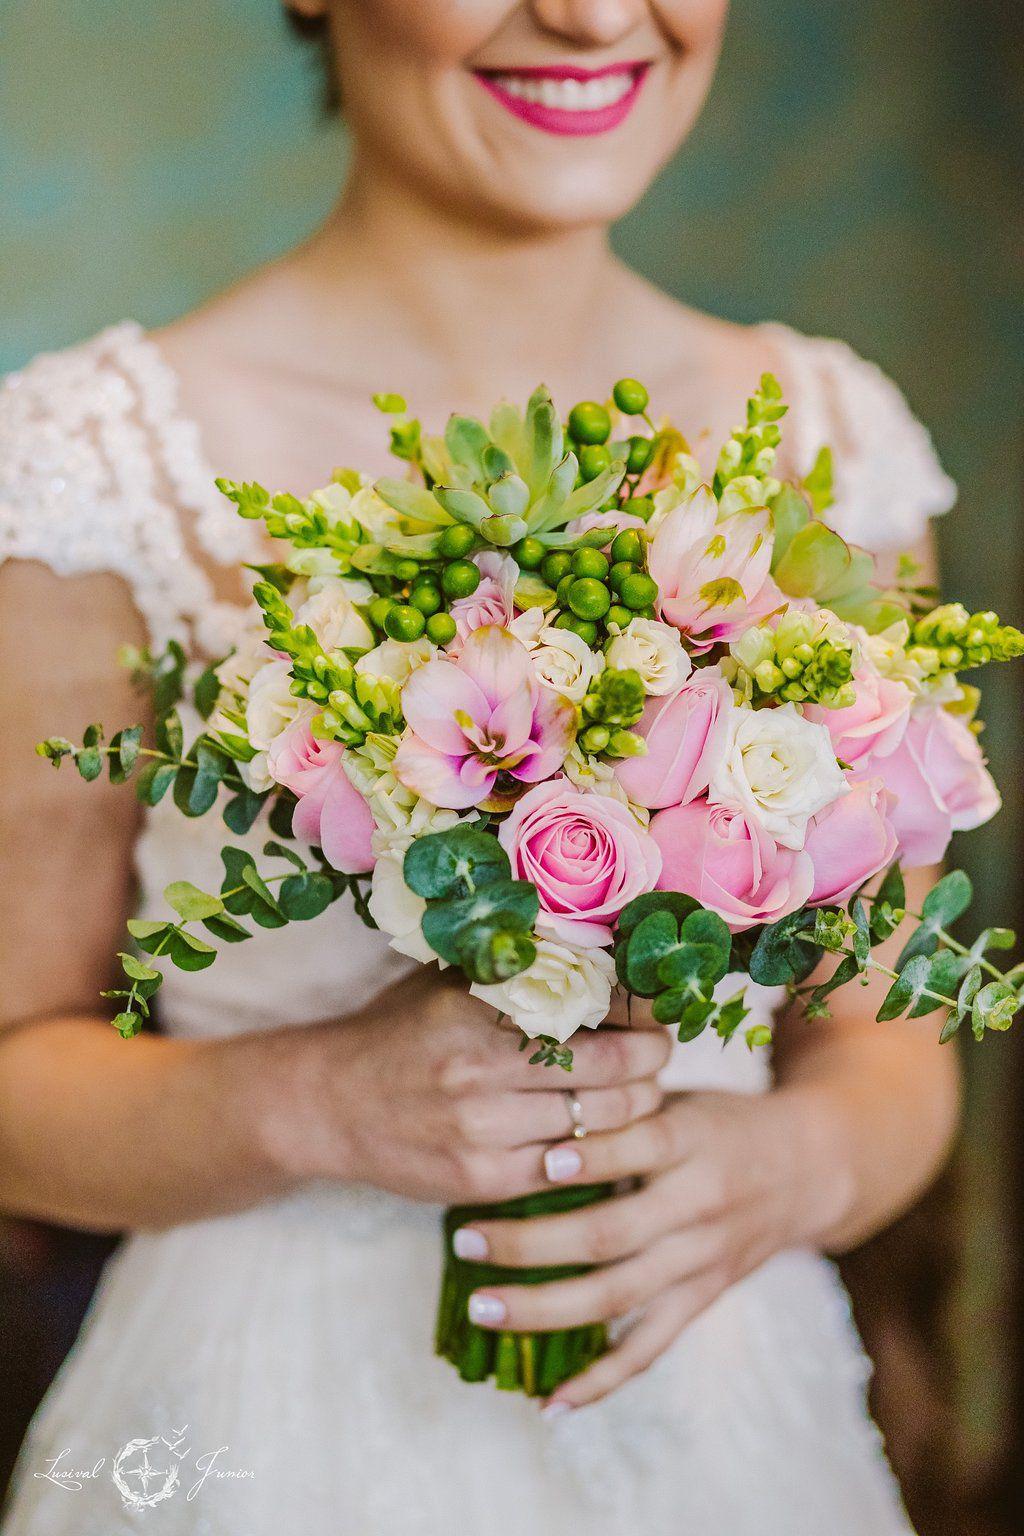 CasamentoNathalieeRomeu-LusivalJunior-441 Casamento Nathalie e Romeu